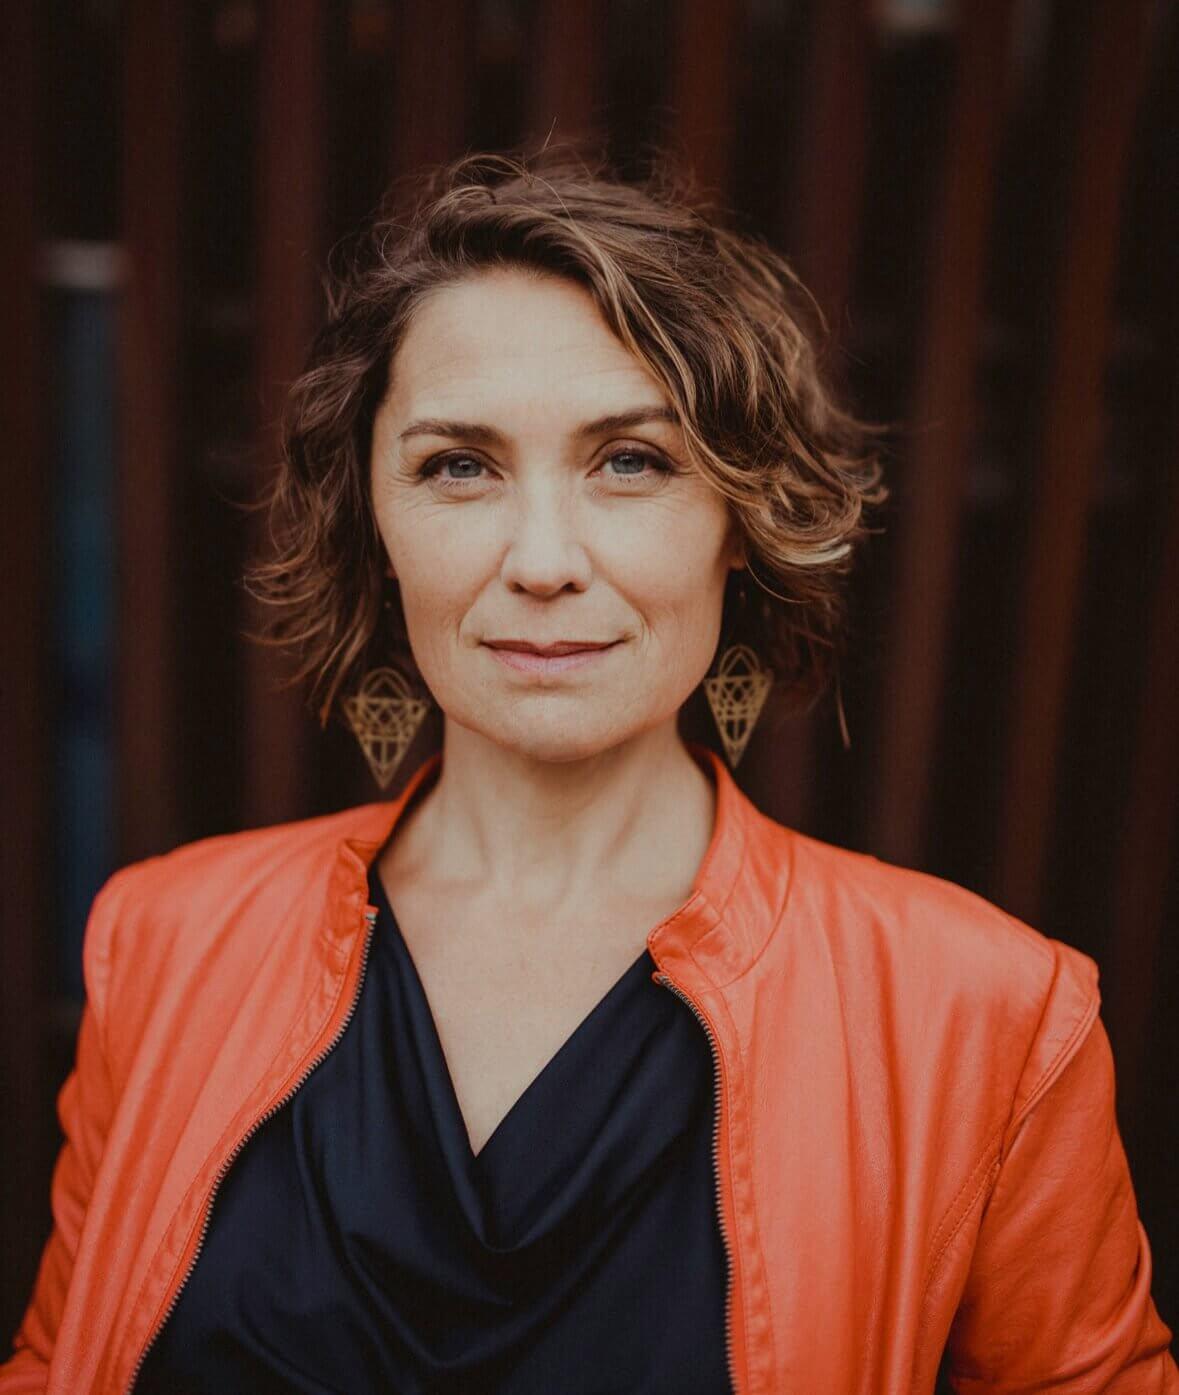 Megan Devine, author